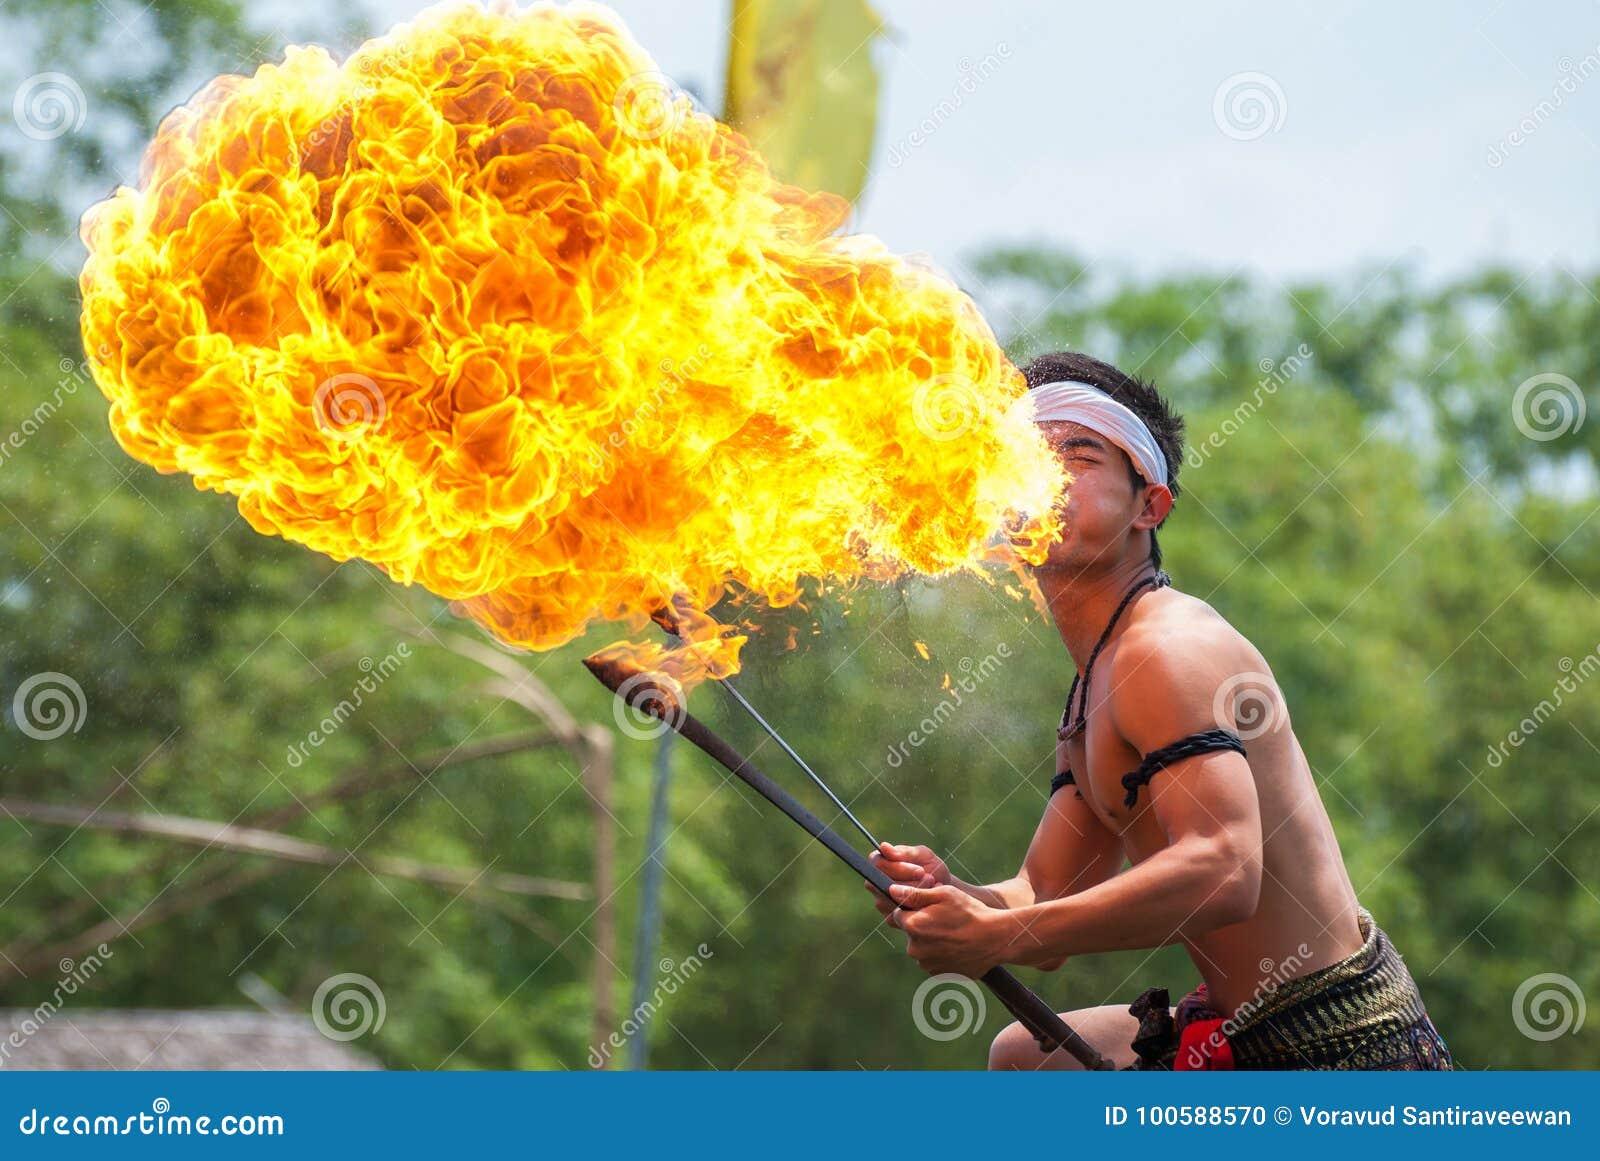 火展示在Sa Bua Klong浮动市场,大城府上